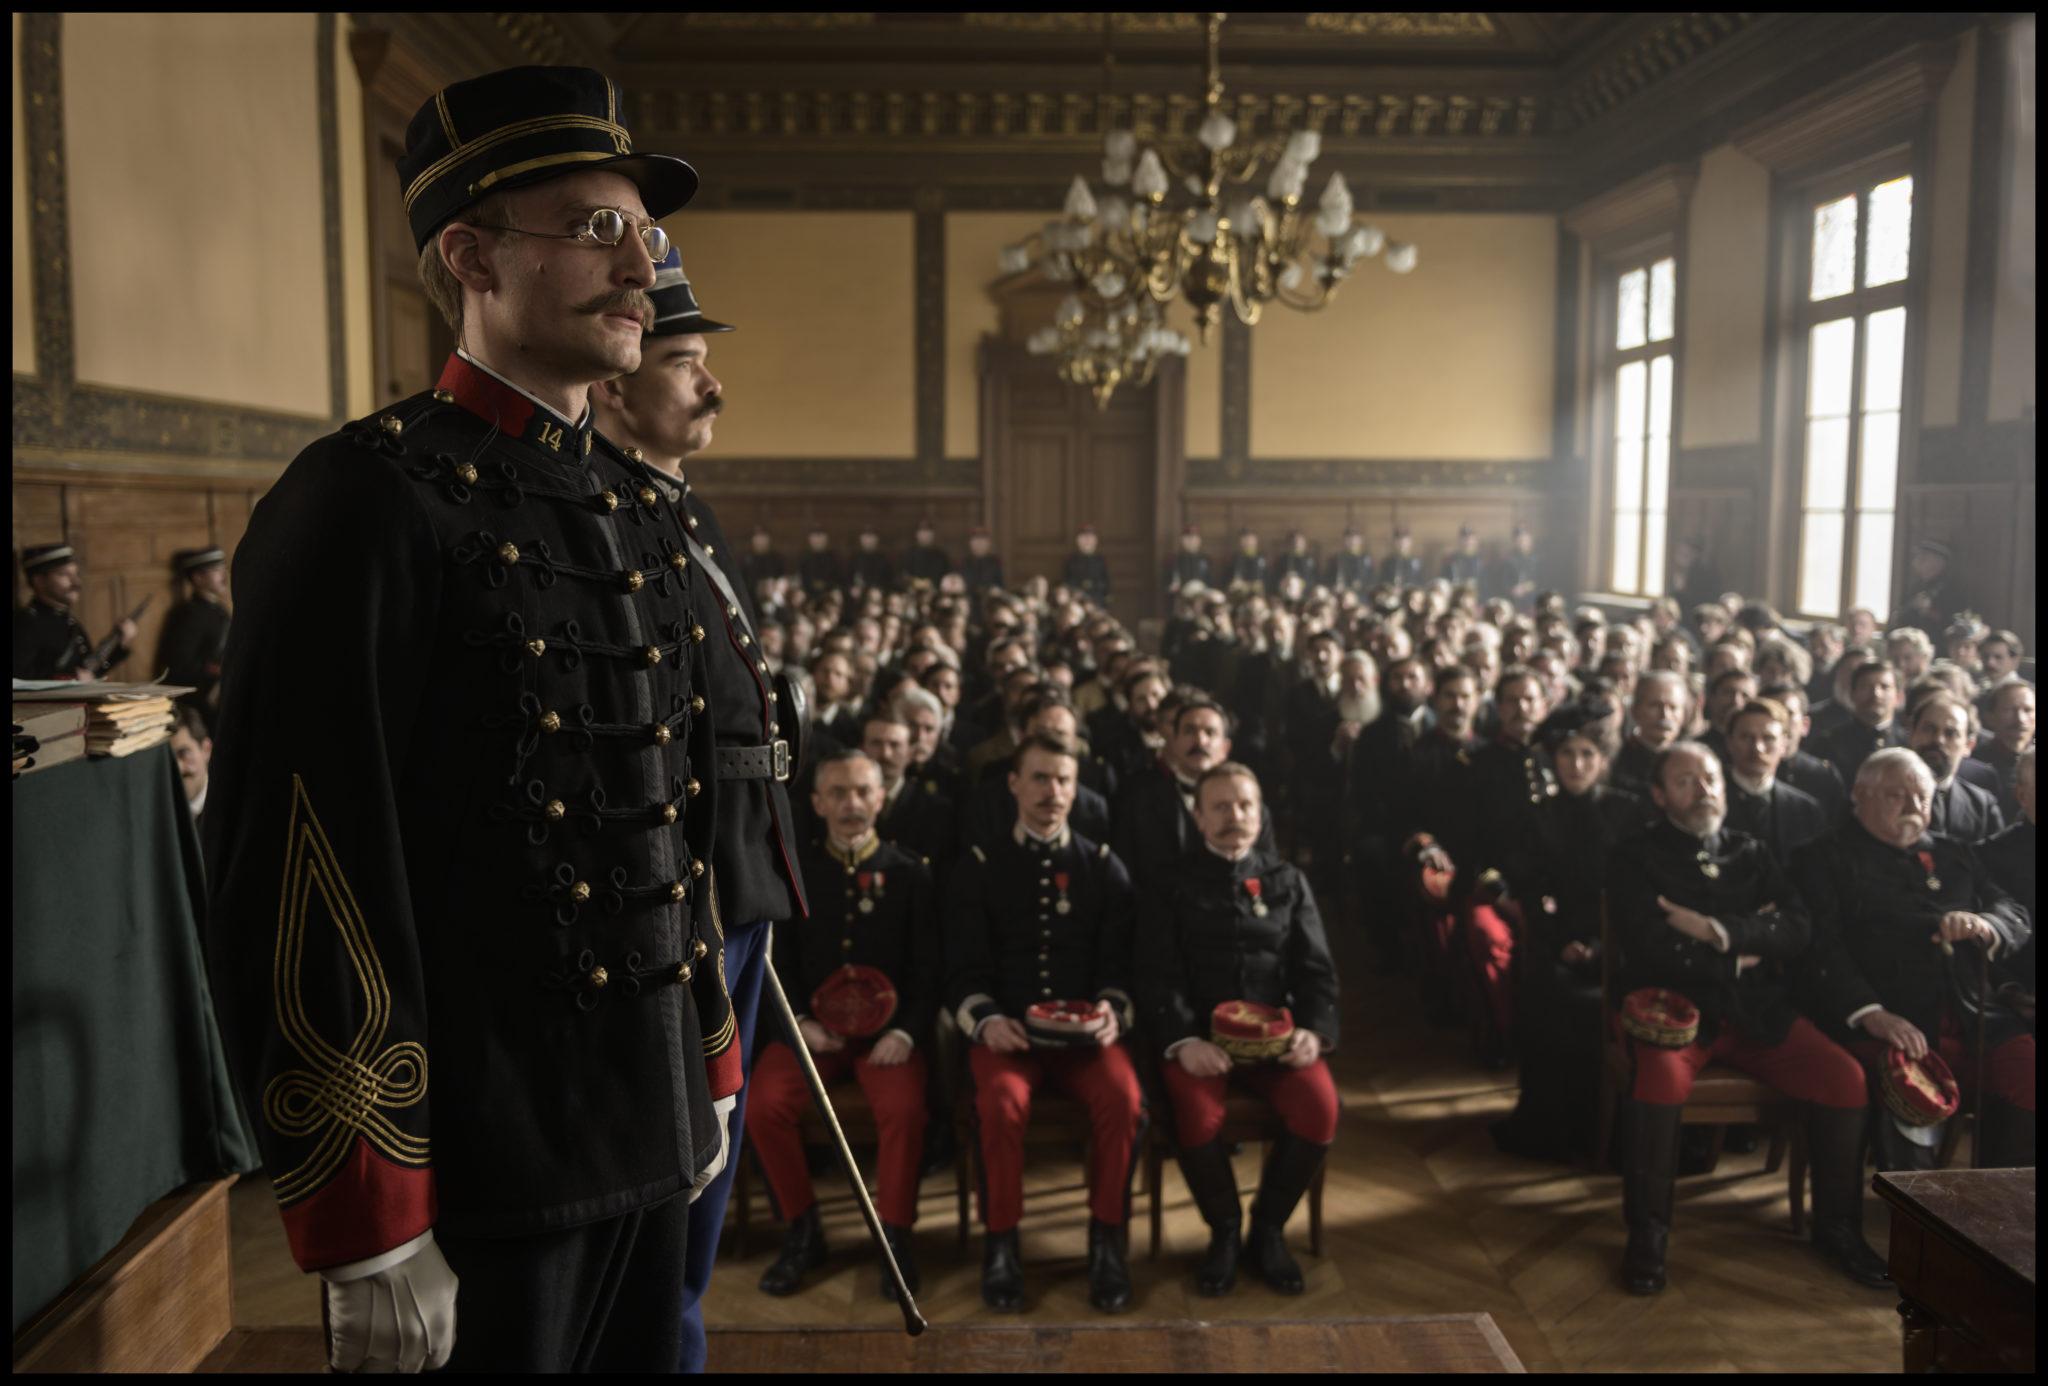 In einem Gerichtssaal steht vorne links im Bild der Angeklagte Alfred Dreyfus stramm in Militäruniform. Im Hintergrund sind unscharf einige Verschwörer der Dreyfus-Affäre und Zuschauer des Gerichtsprozesses auf Stühlen sitzend zu sehen.